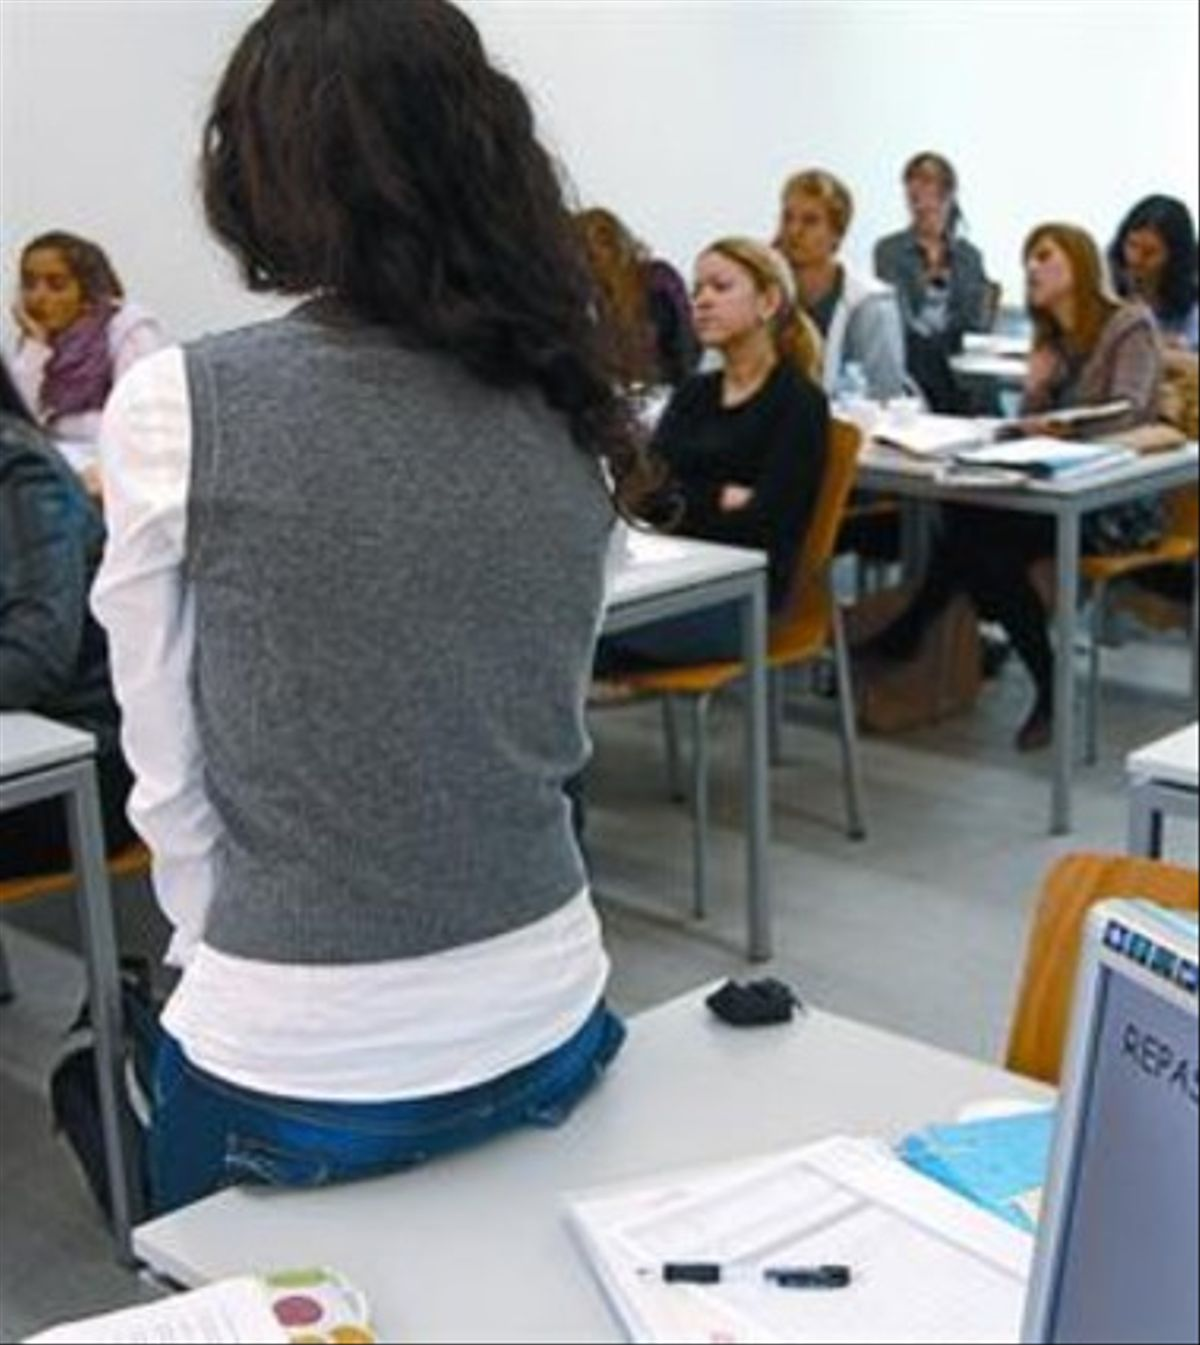 Una clase con alumnos de Erasmus en la Universitat Pompeu Fabra.